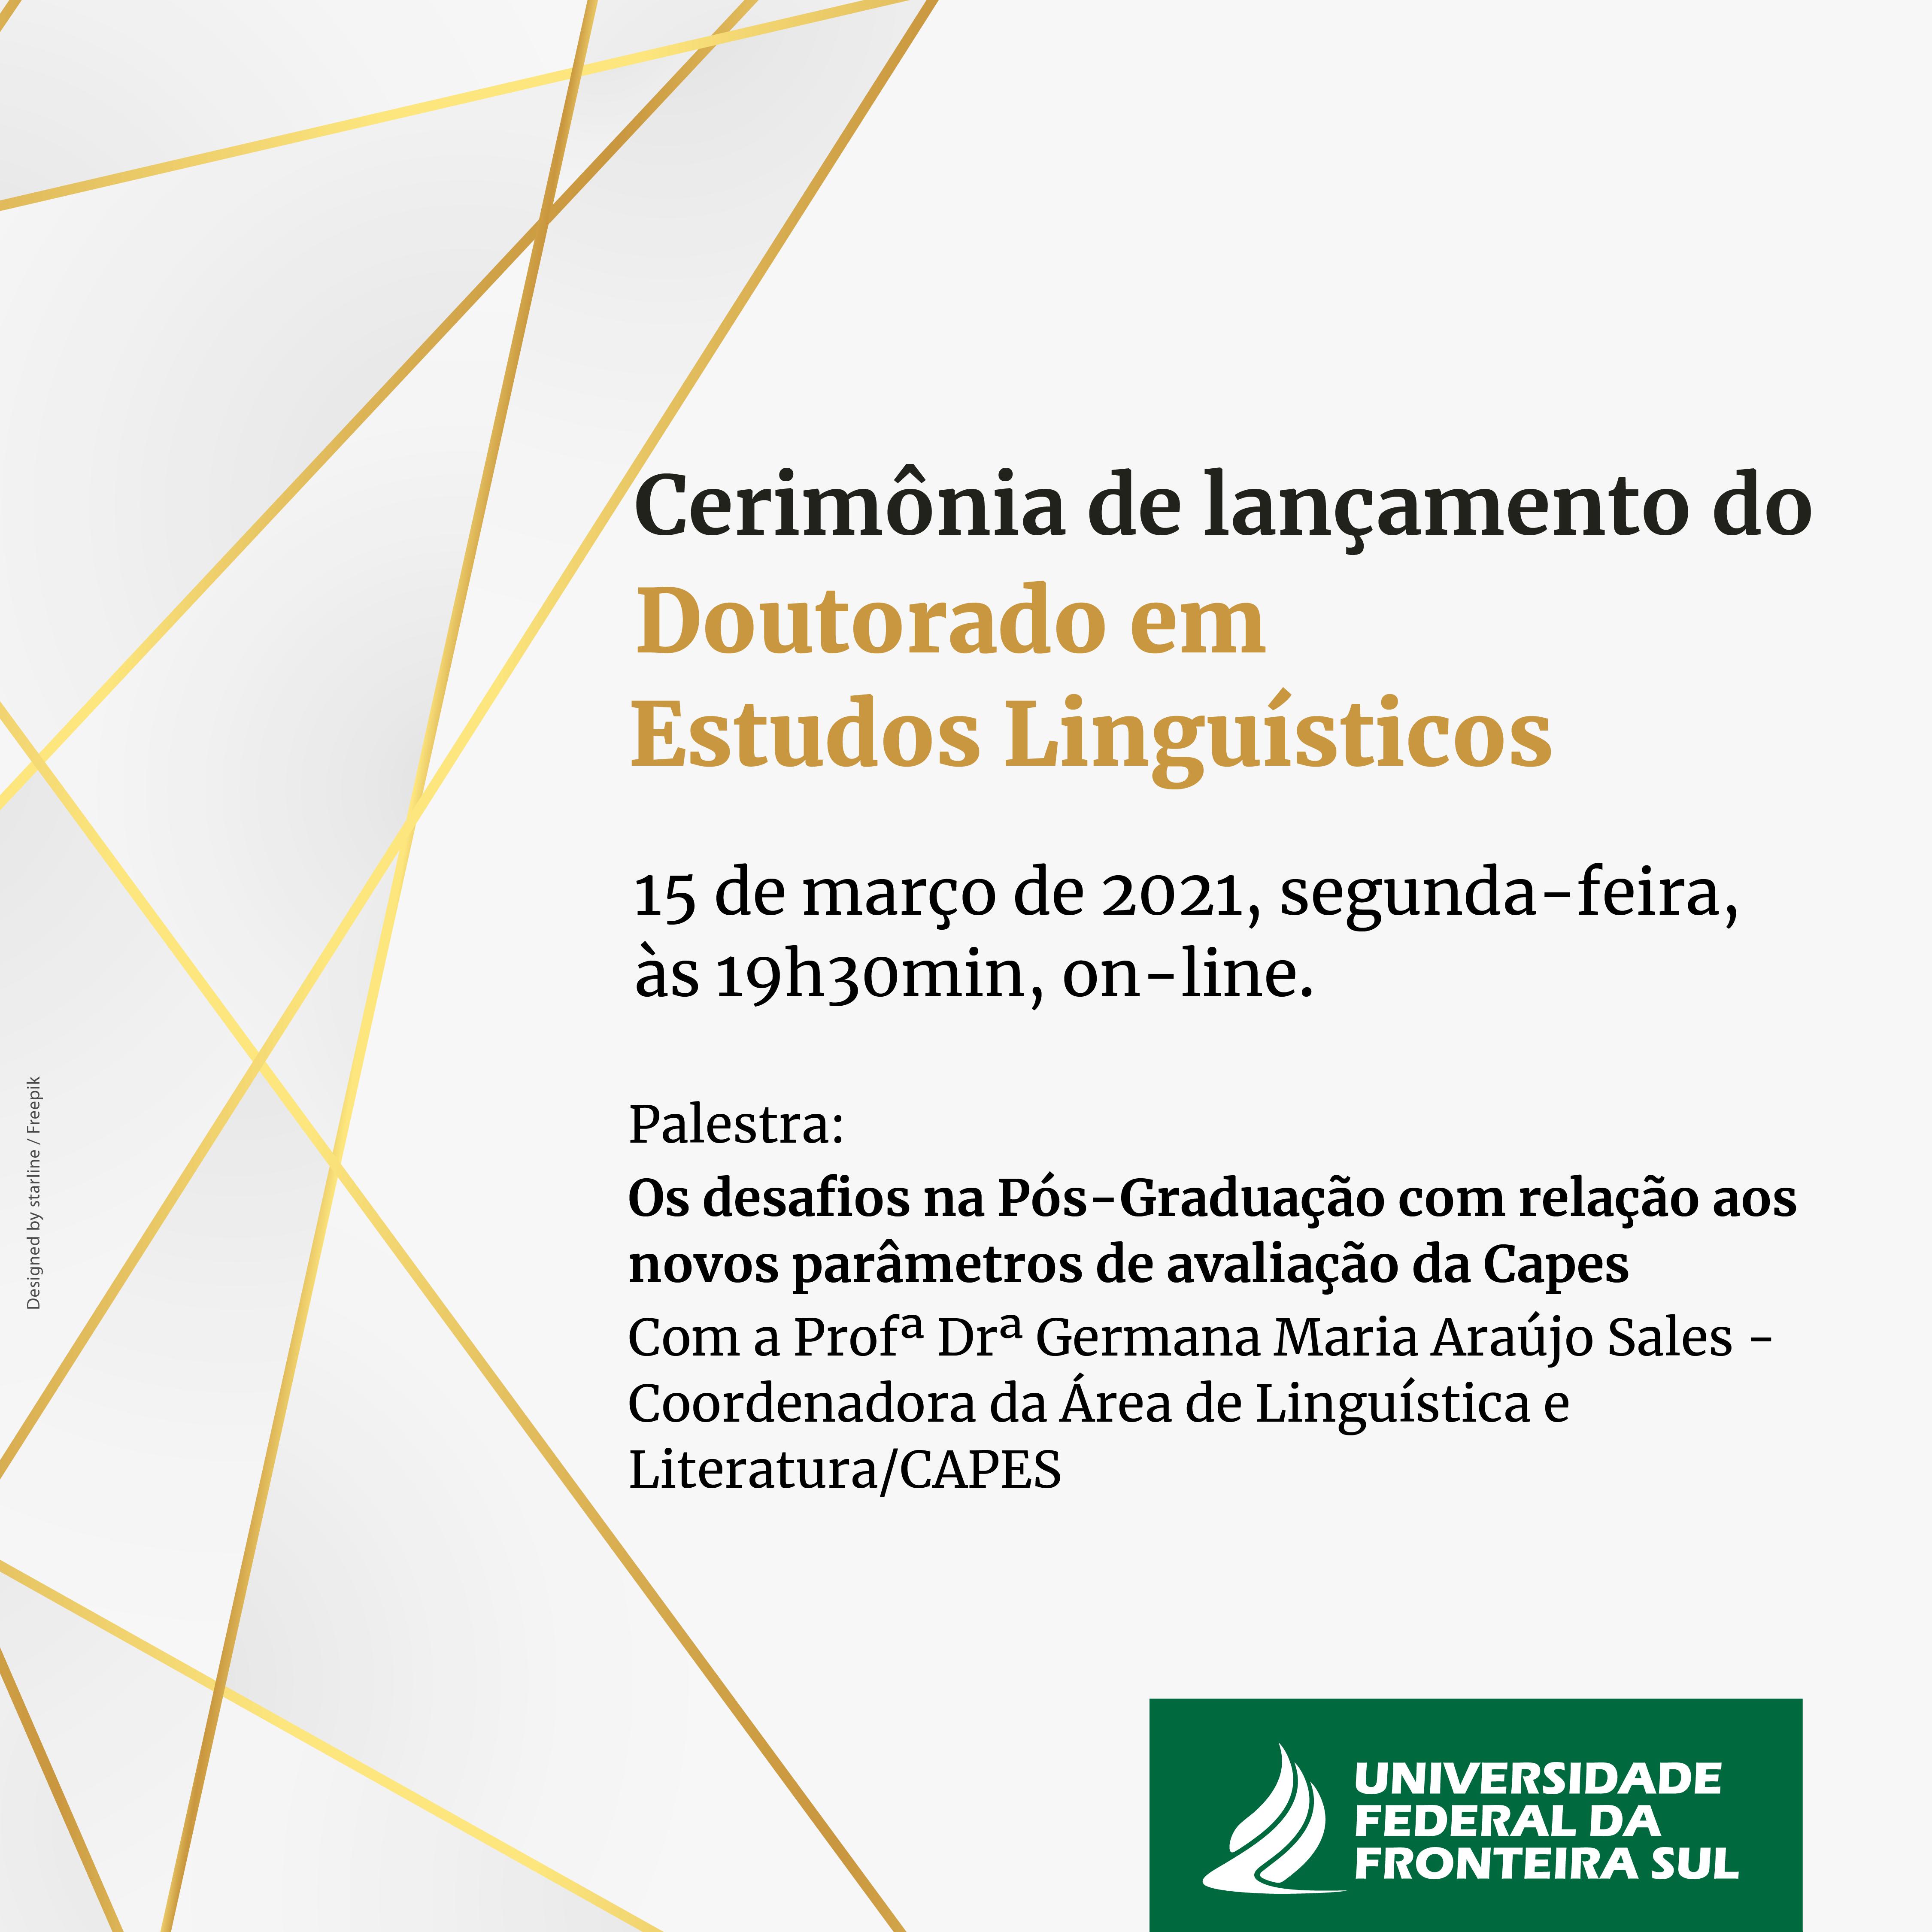 Lançamento do doutorado em Estudos Linguísticos